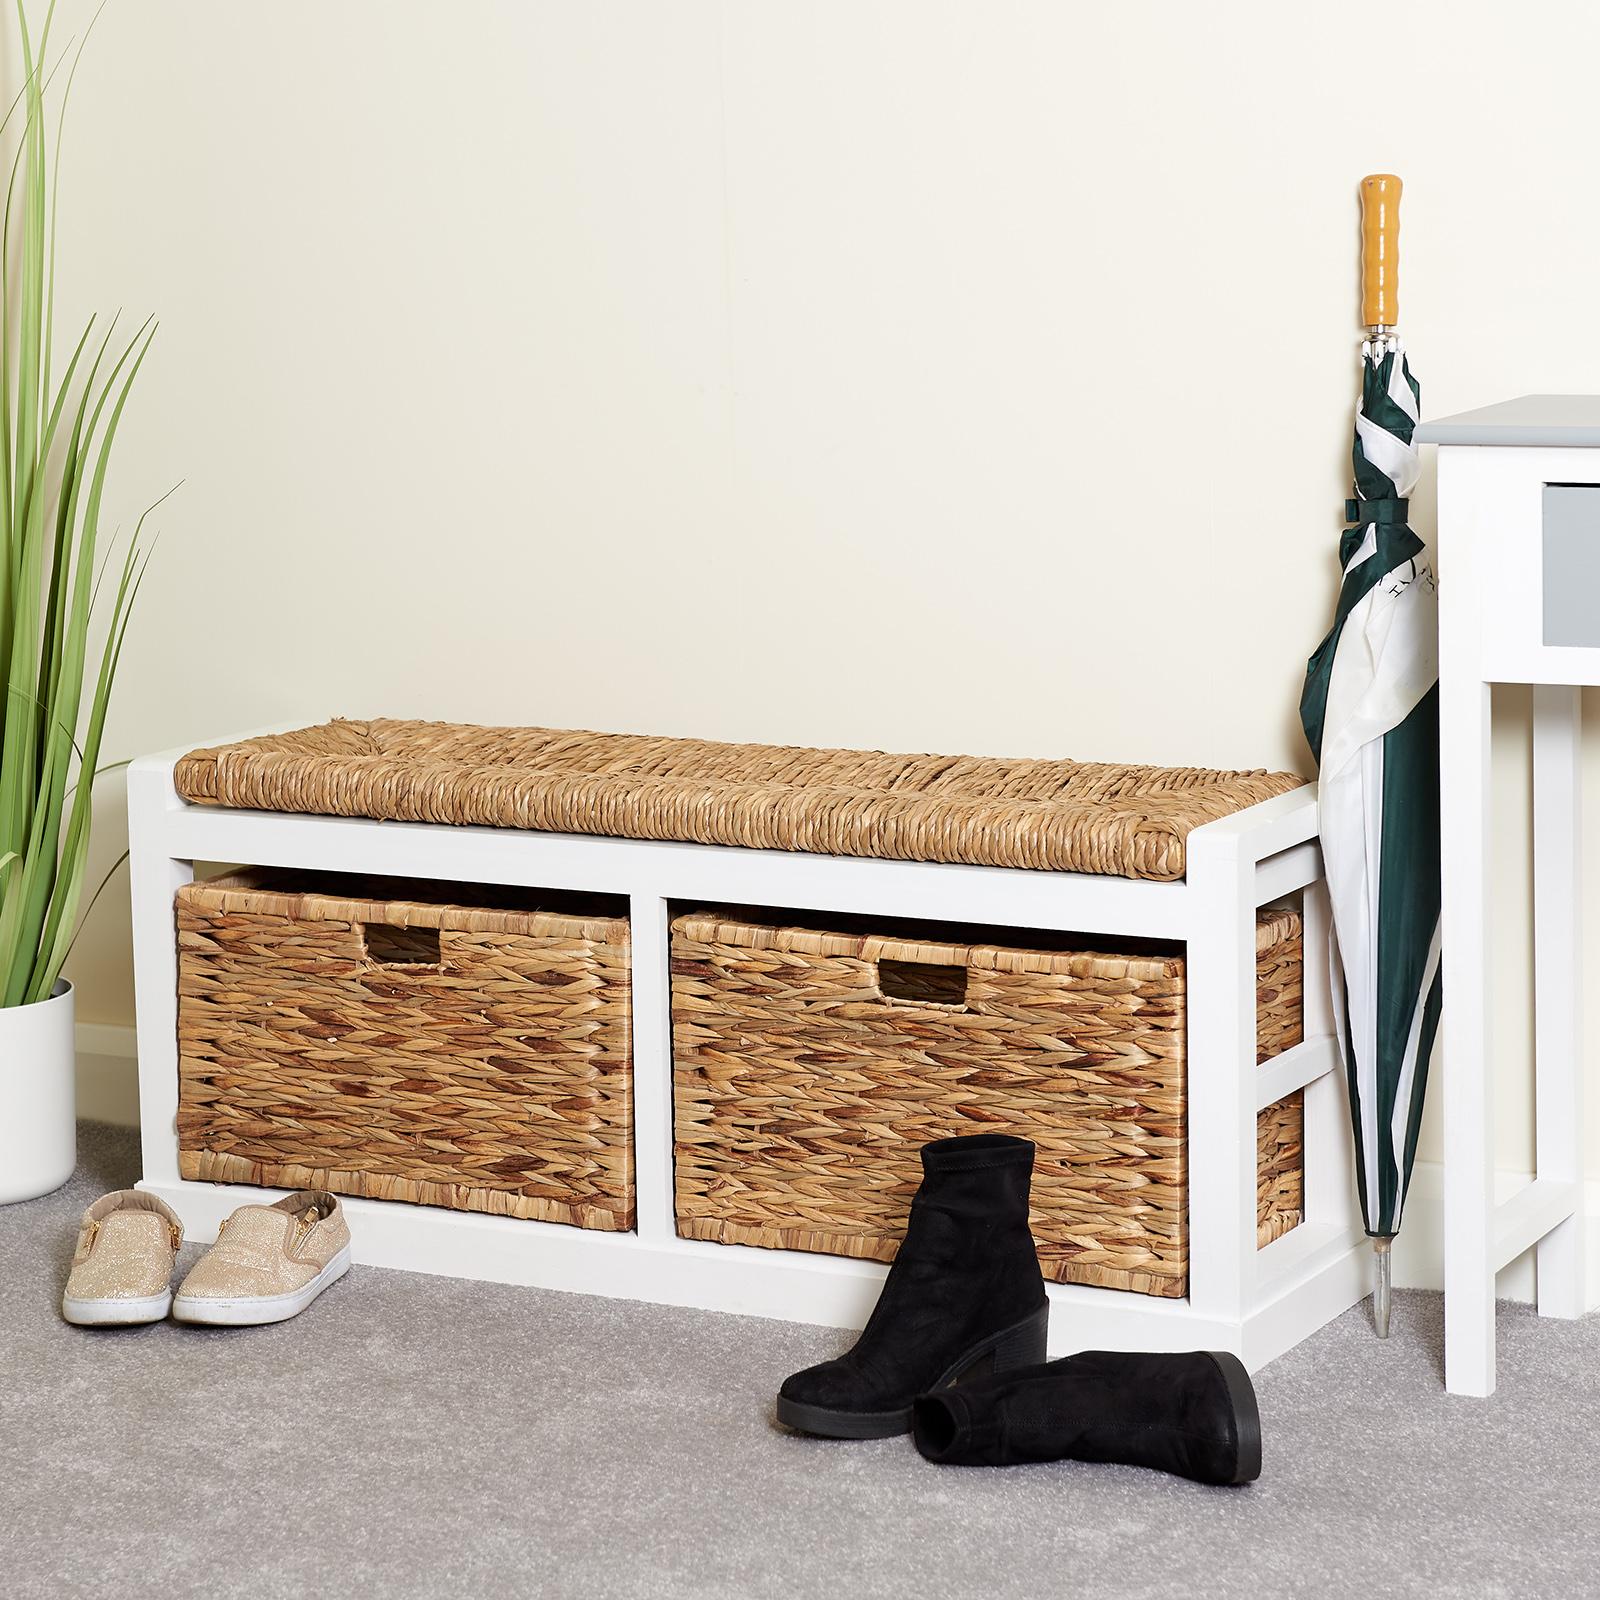 Excellent Details About Hartleys Extra Wide 2 Drawer Hallway Storage Bench Wicker Seat Cushion Basket Uwap Interior Chair Design Uwaporg